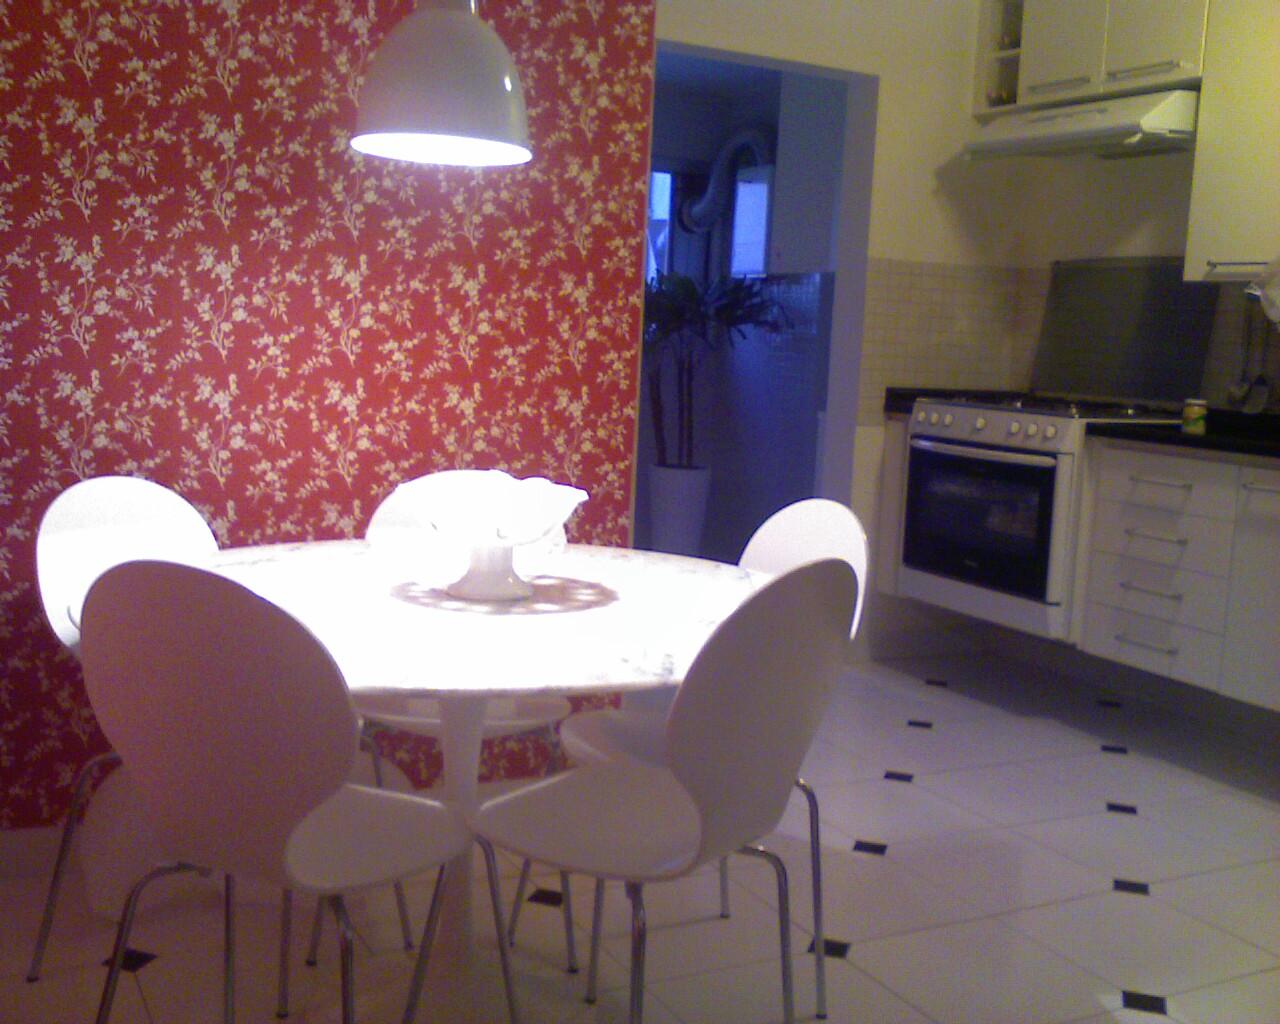 ARQUITETURA & CONSULTORIA: Papel de parede na cozinha !!!Pq não #8E3D4A 1280 1024